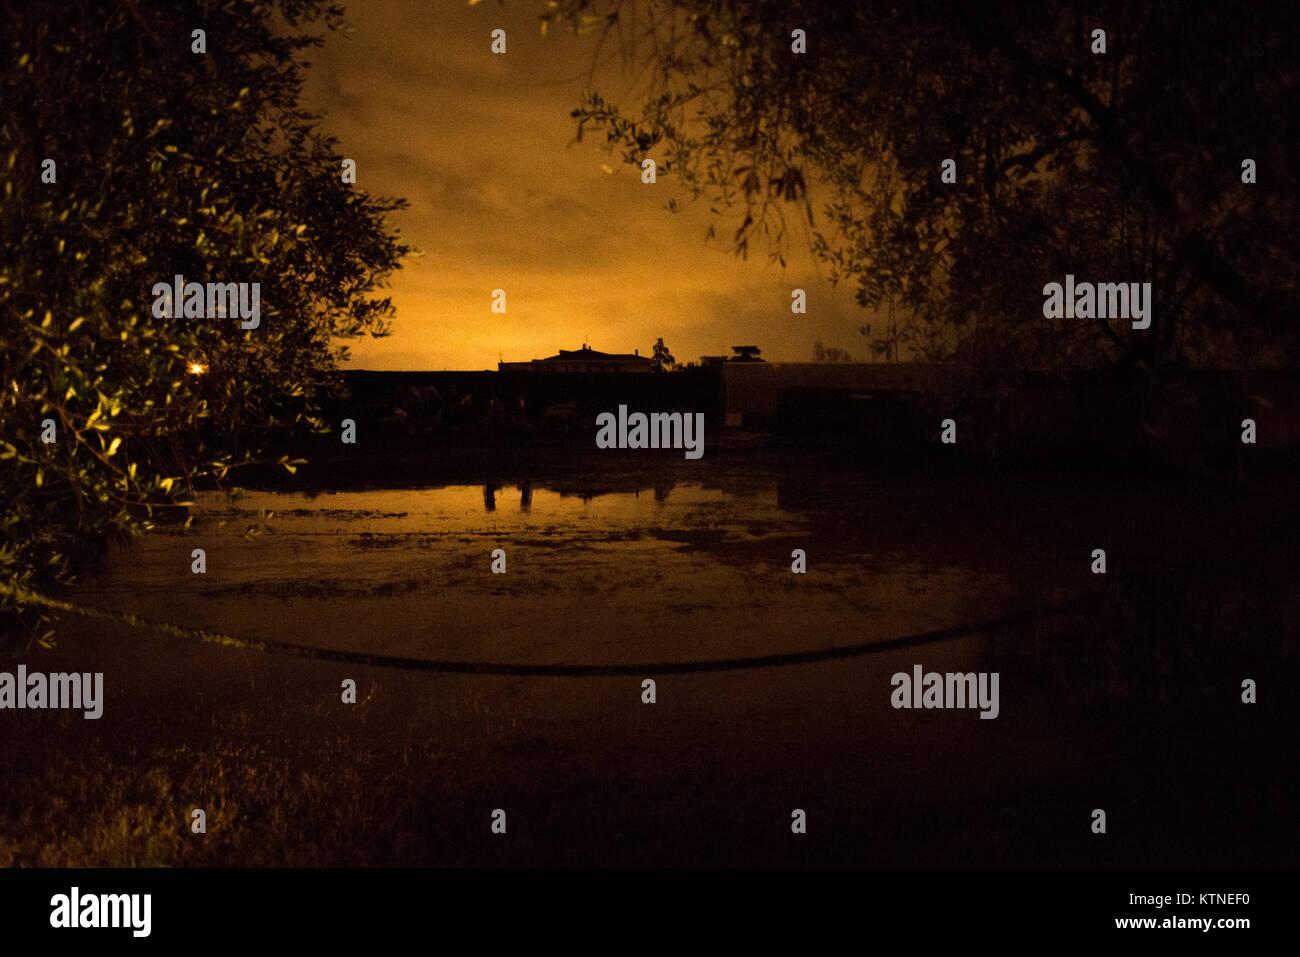 Vista notturna dalla strada di un invaso il campo dopo una pioggia pesante nella campagna toscana. Sullo sfondo Immagini Stock